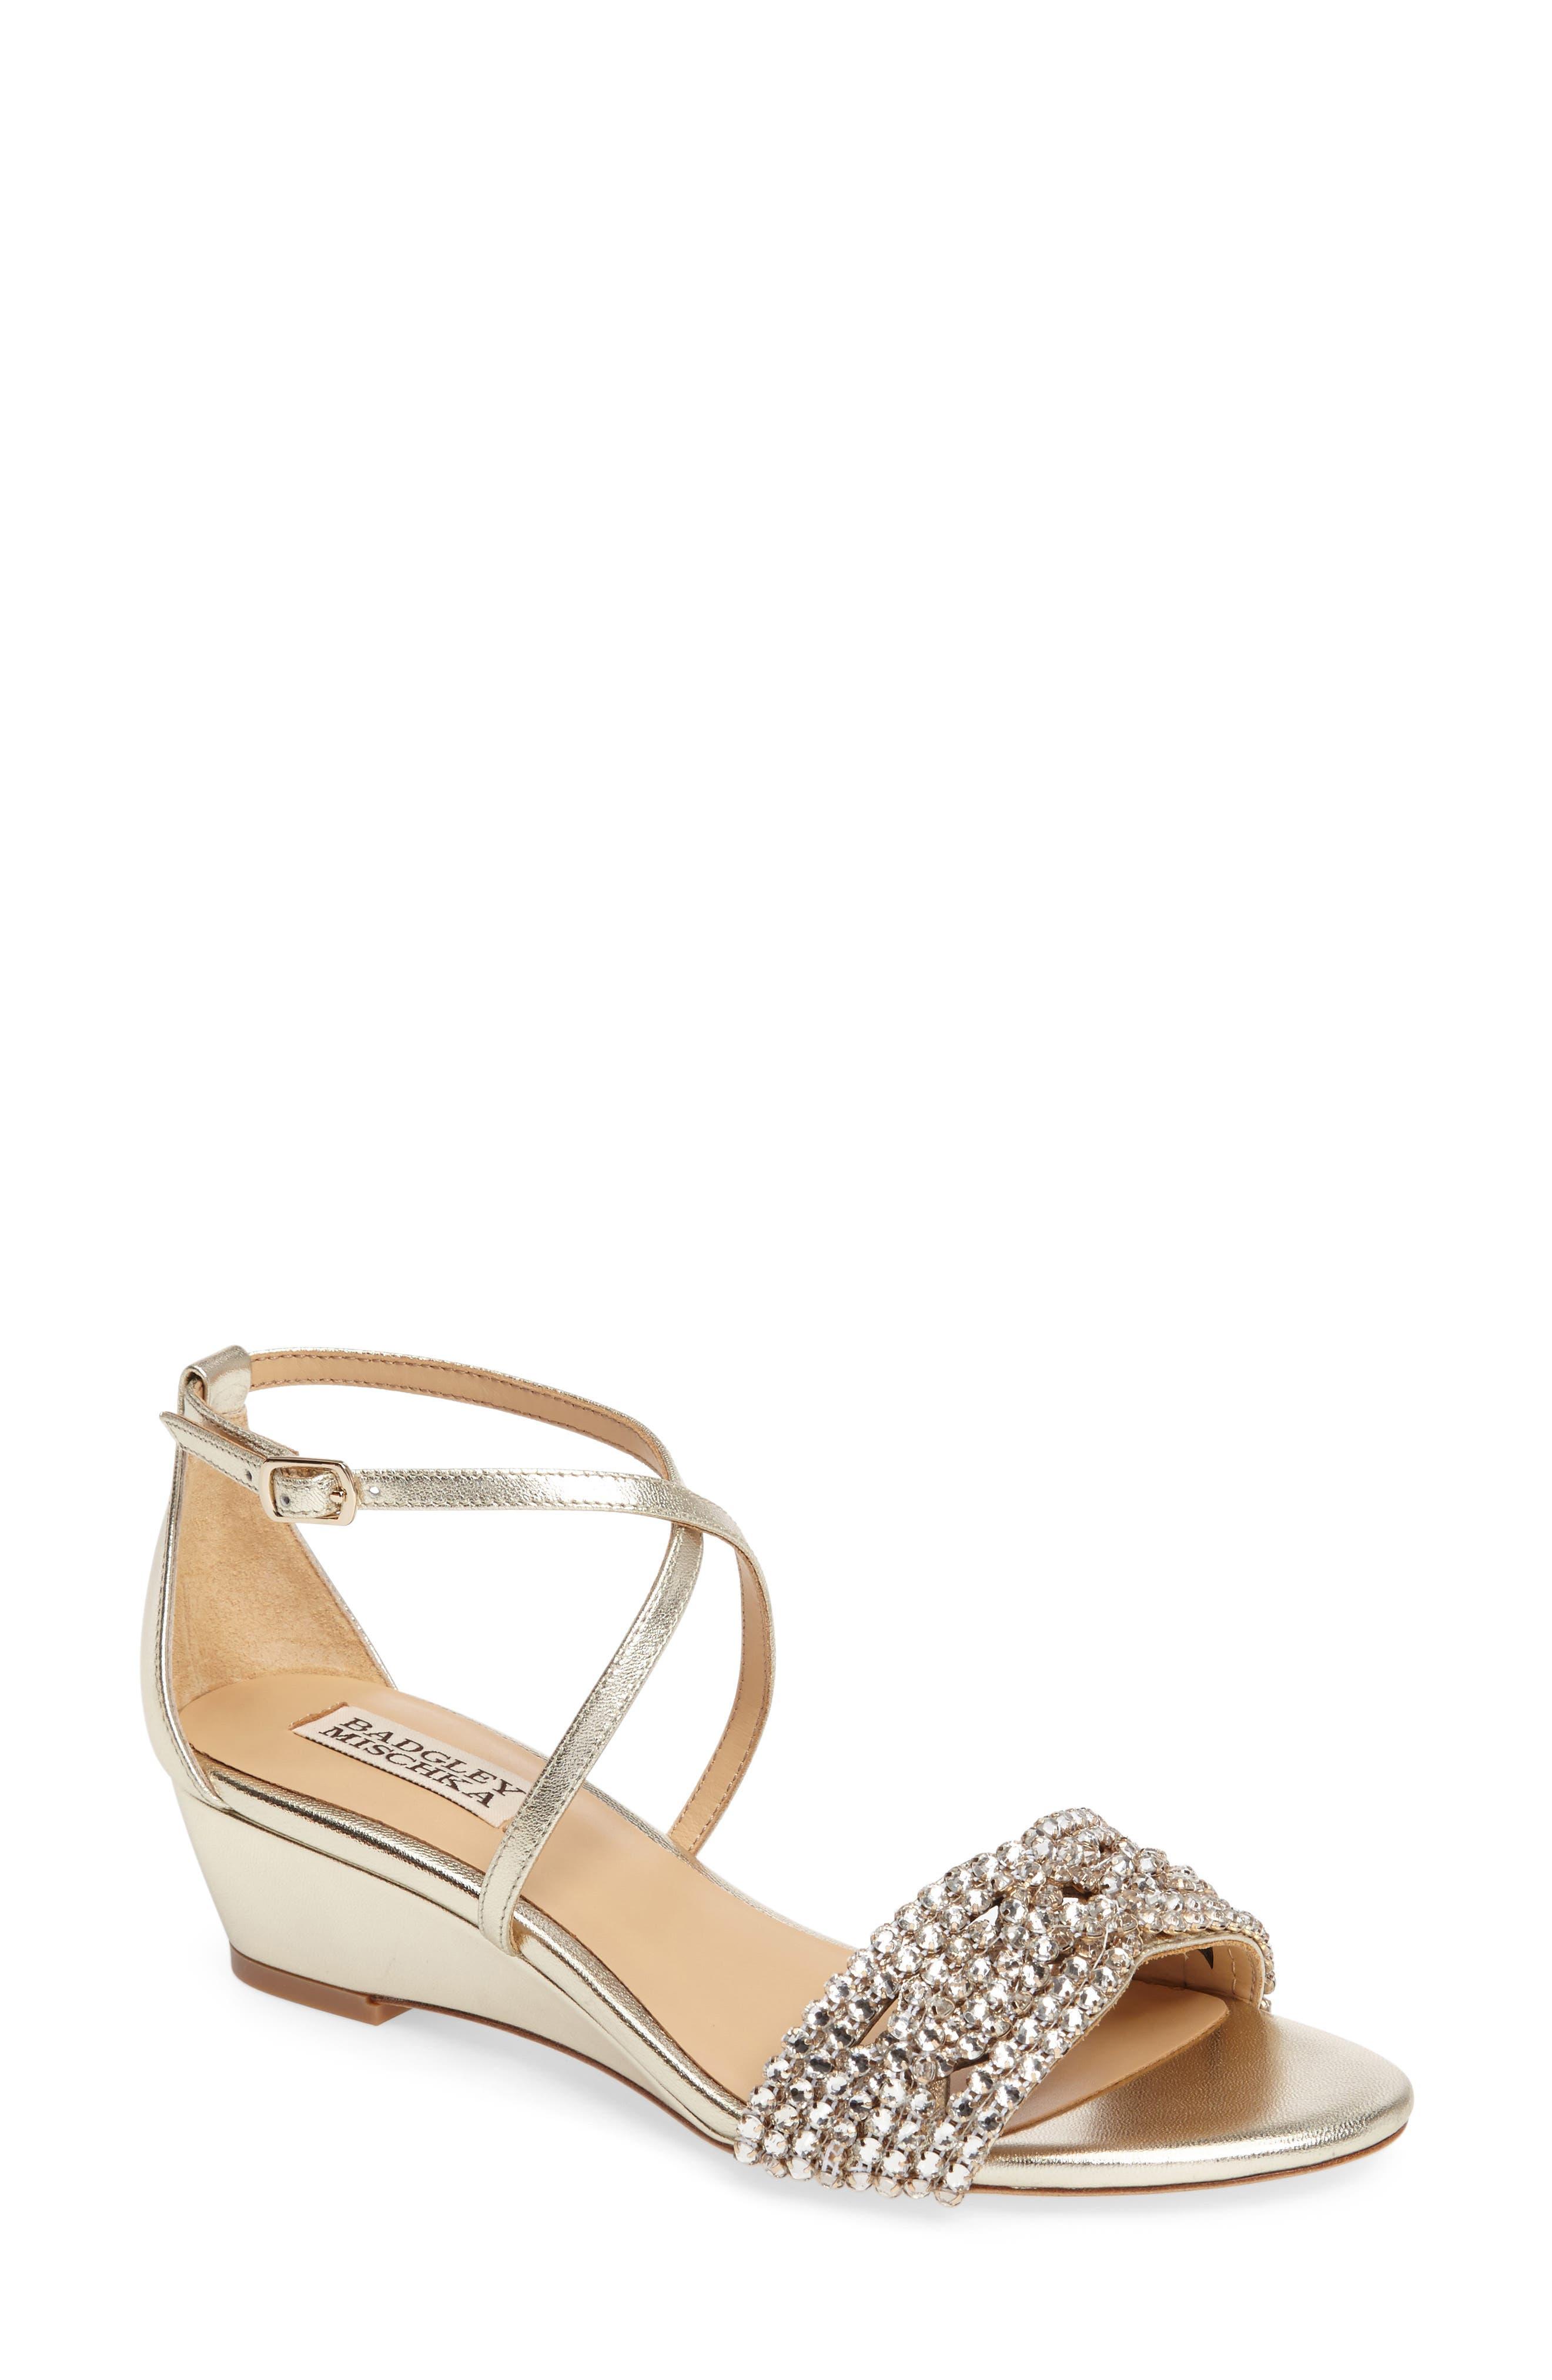 BADGLEY MISCHKA Tressa Embellished Wedge Sandal